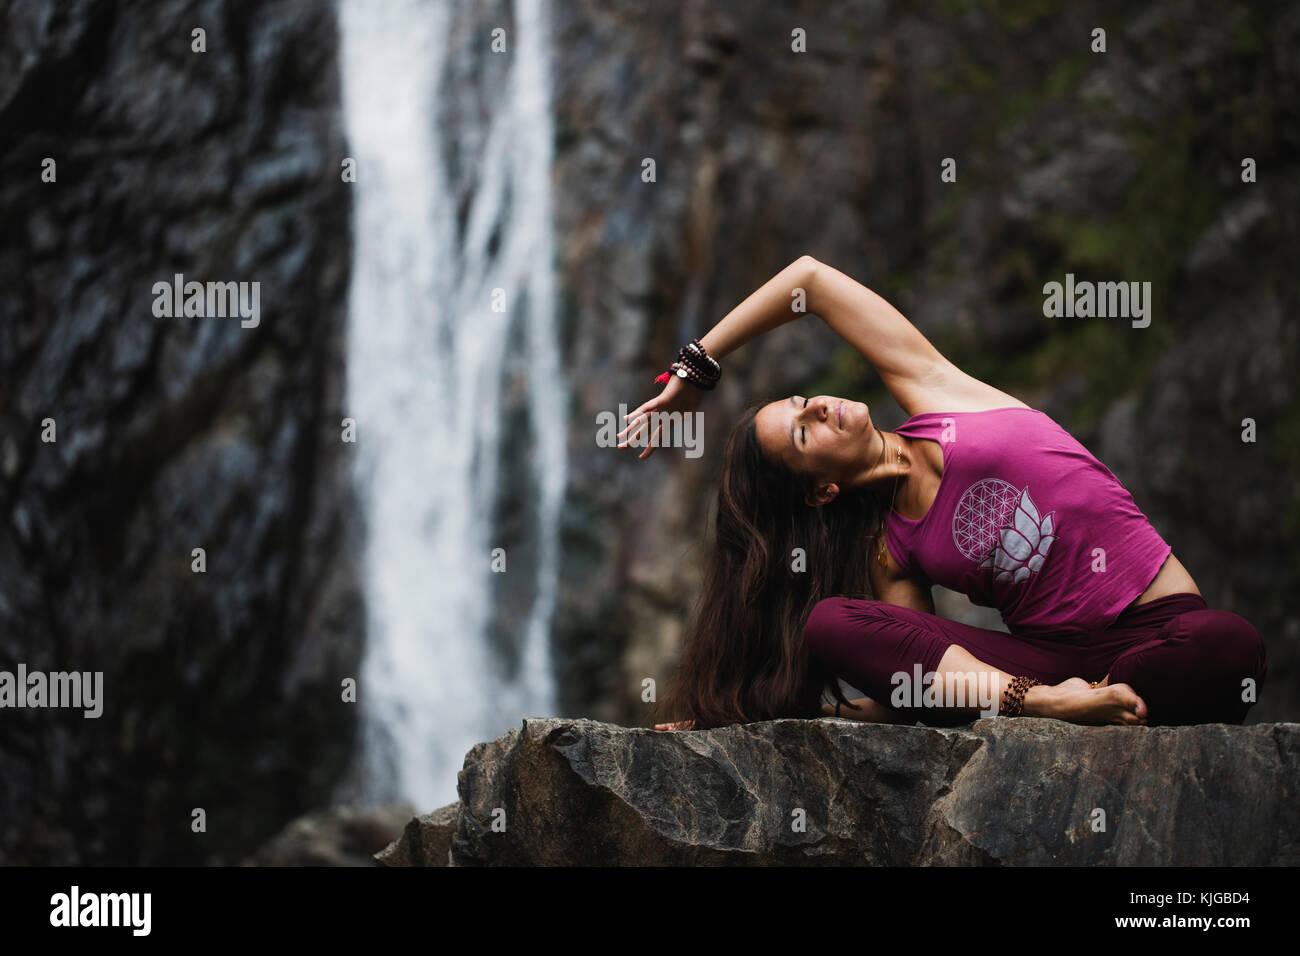 L'Italia, Lecco, donna facendo yoga pratica nei pressi di una cascata Immagini Stock